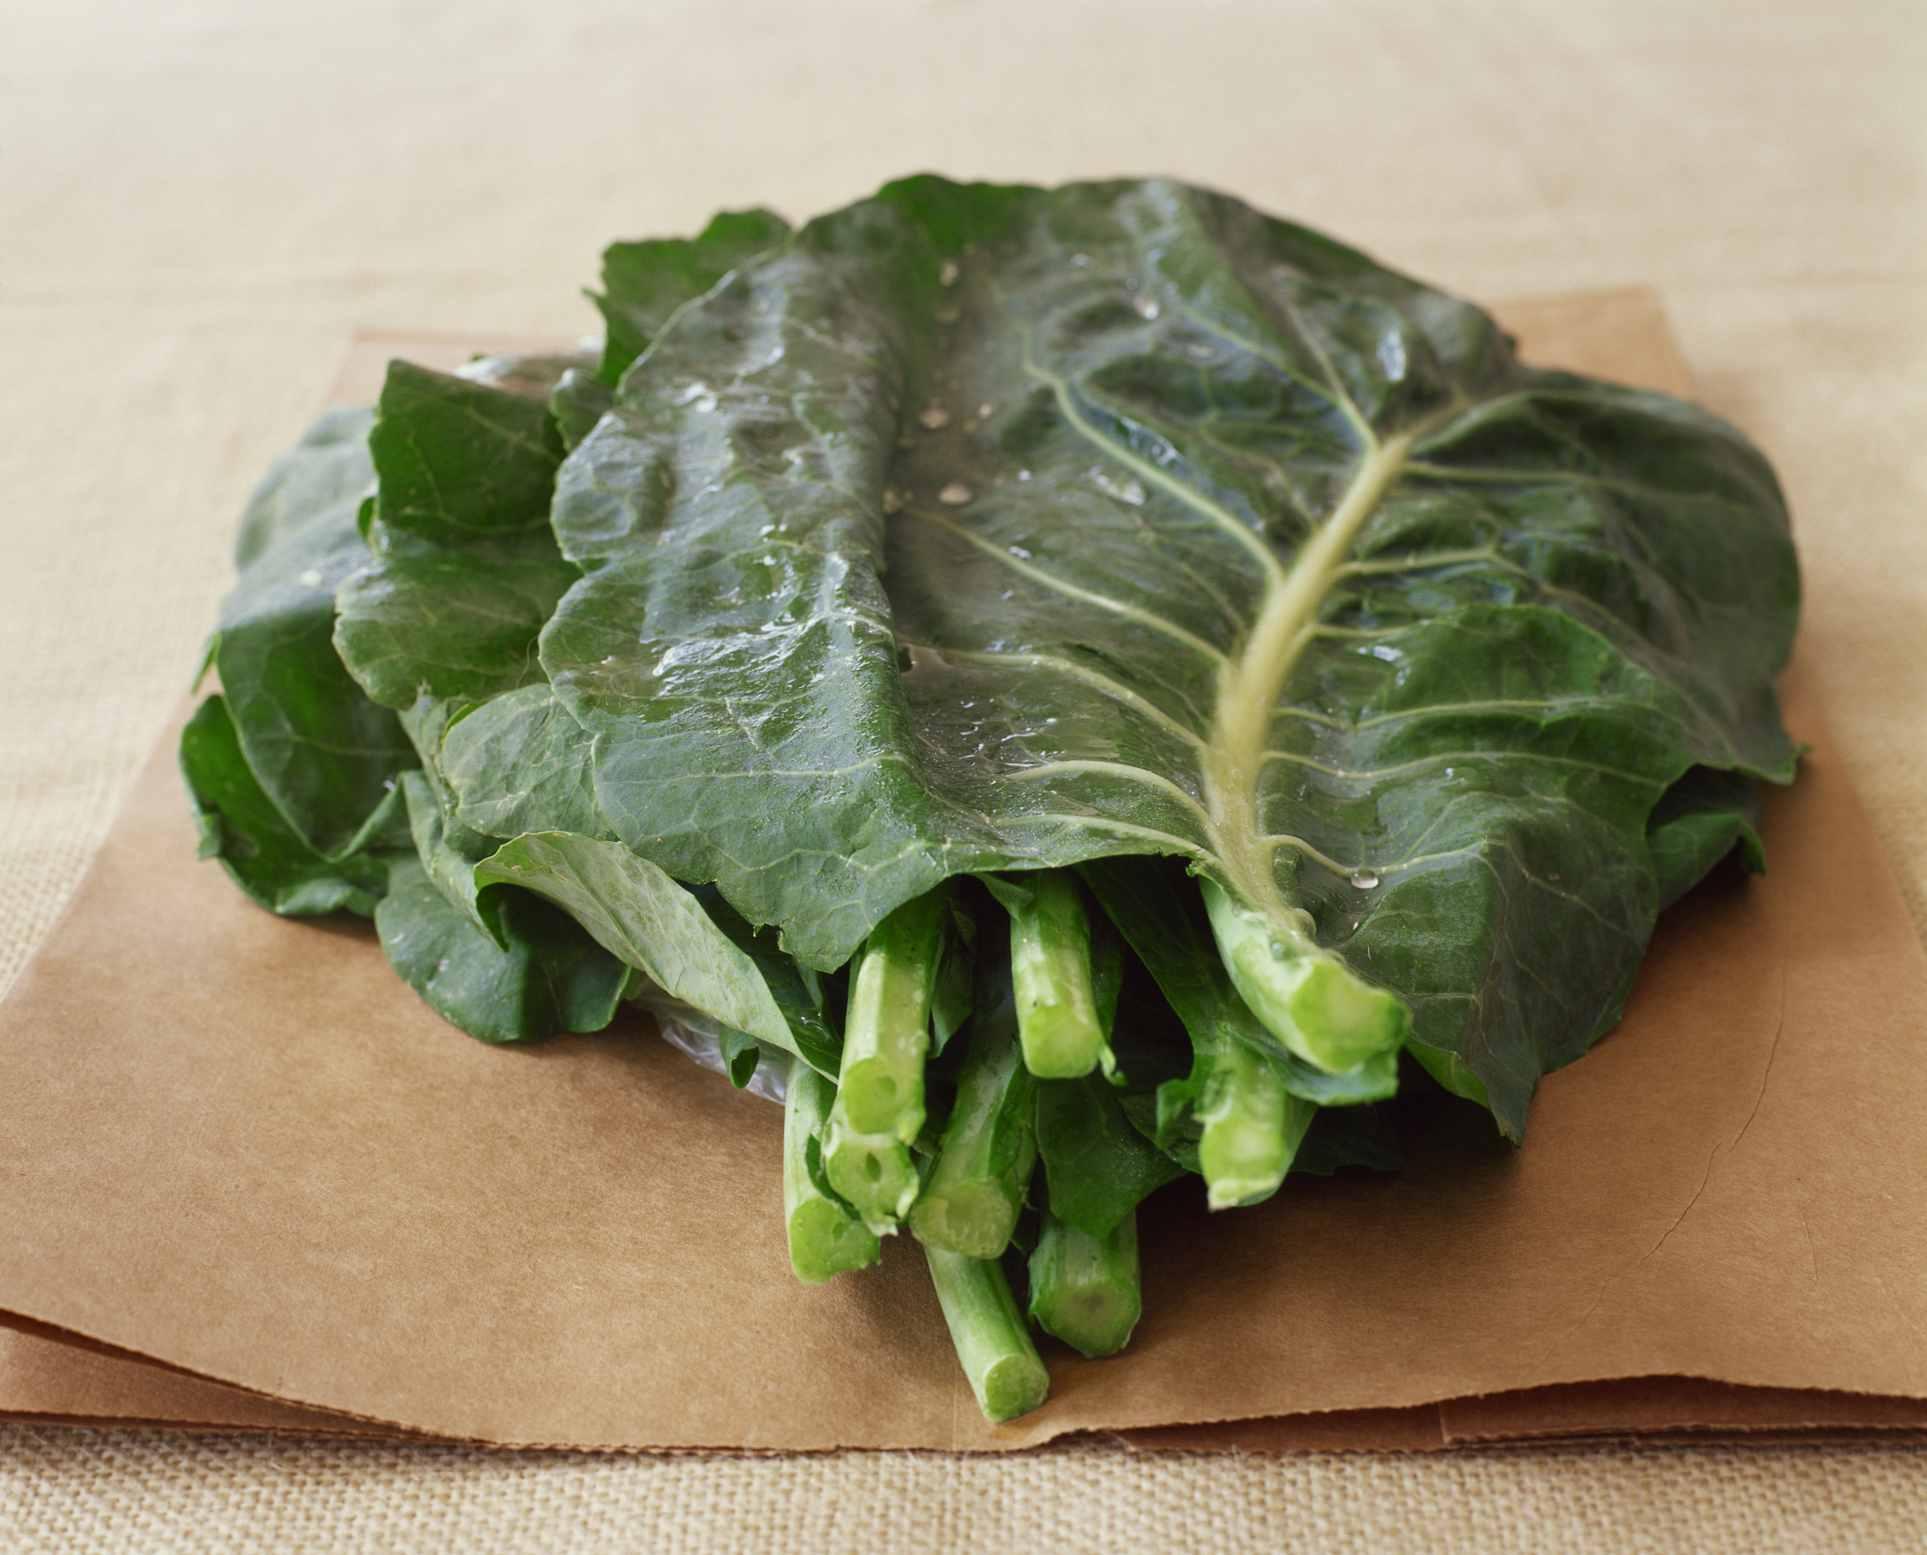 Raw collard greens